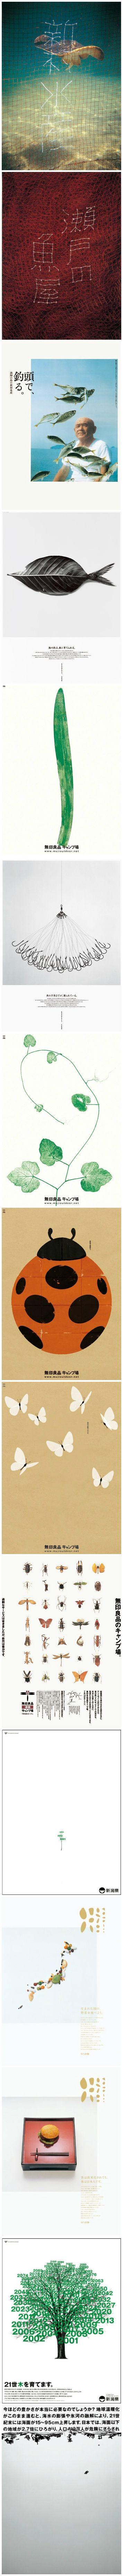 日本设计大师新村则人的海报